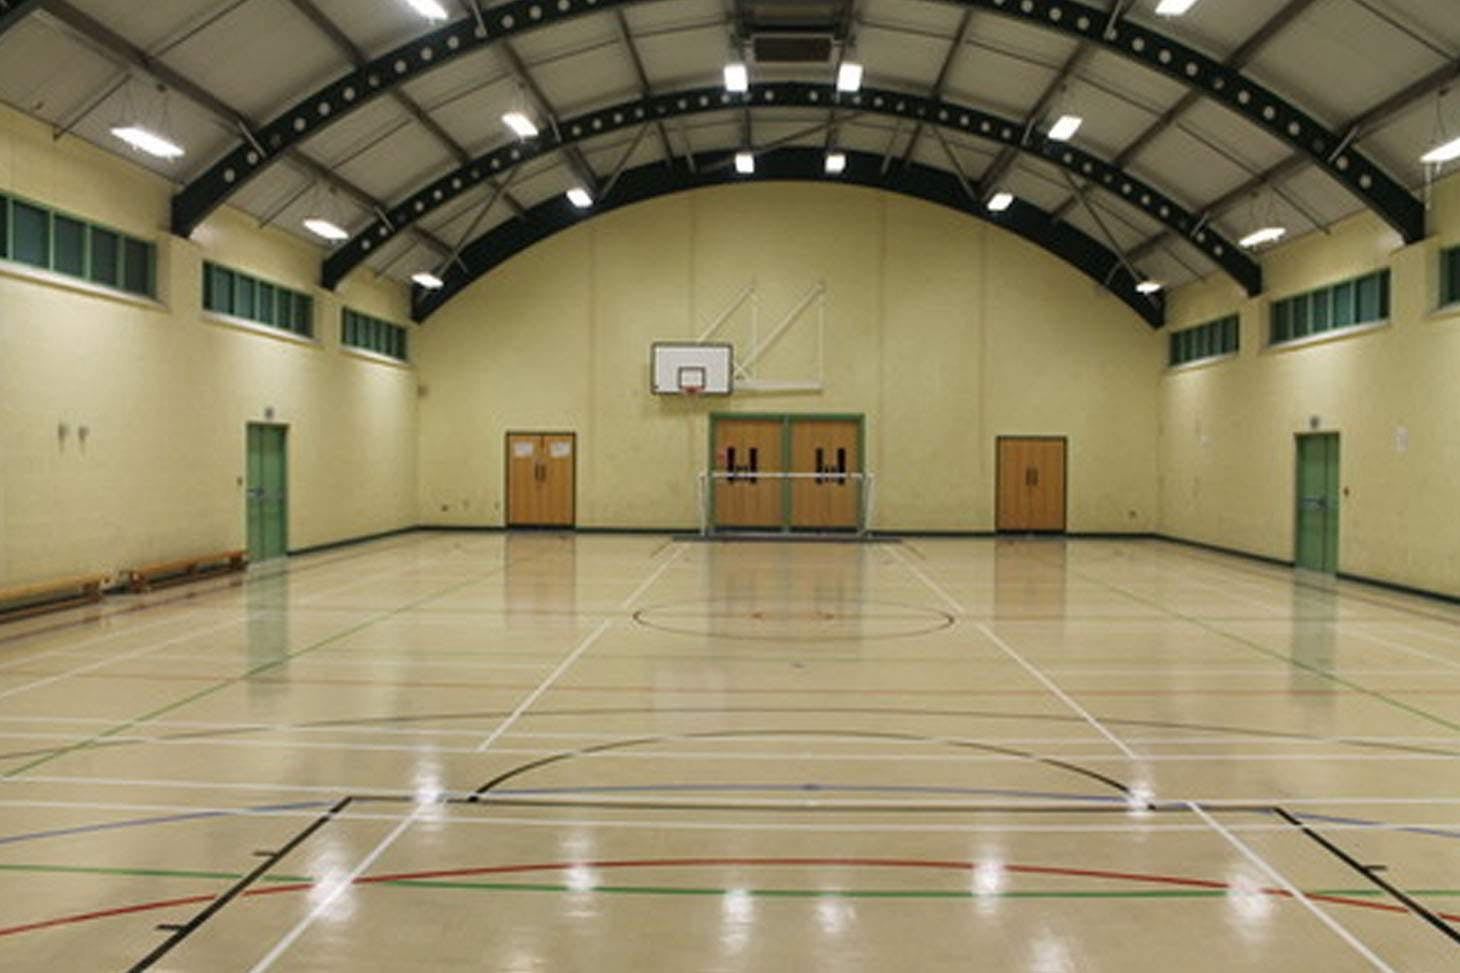 Heworth Grange Comprehensive School Indoor basketball court